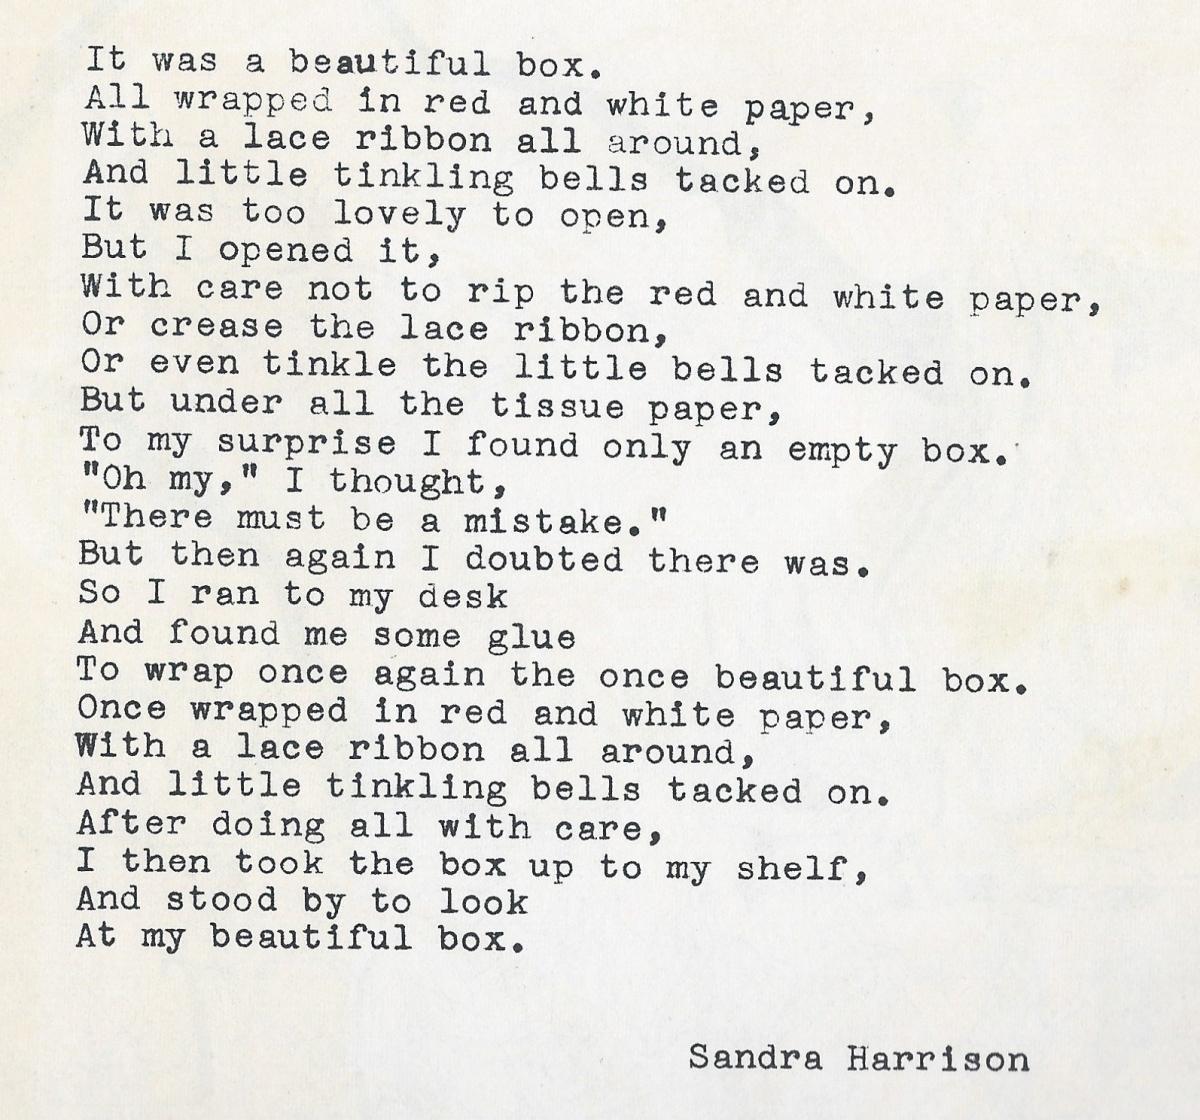 poem-1971-e1516291943854.jpg